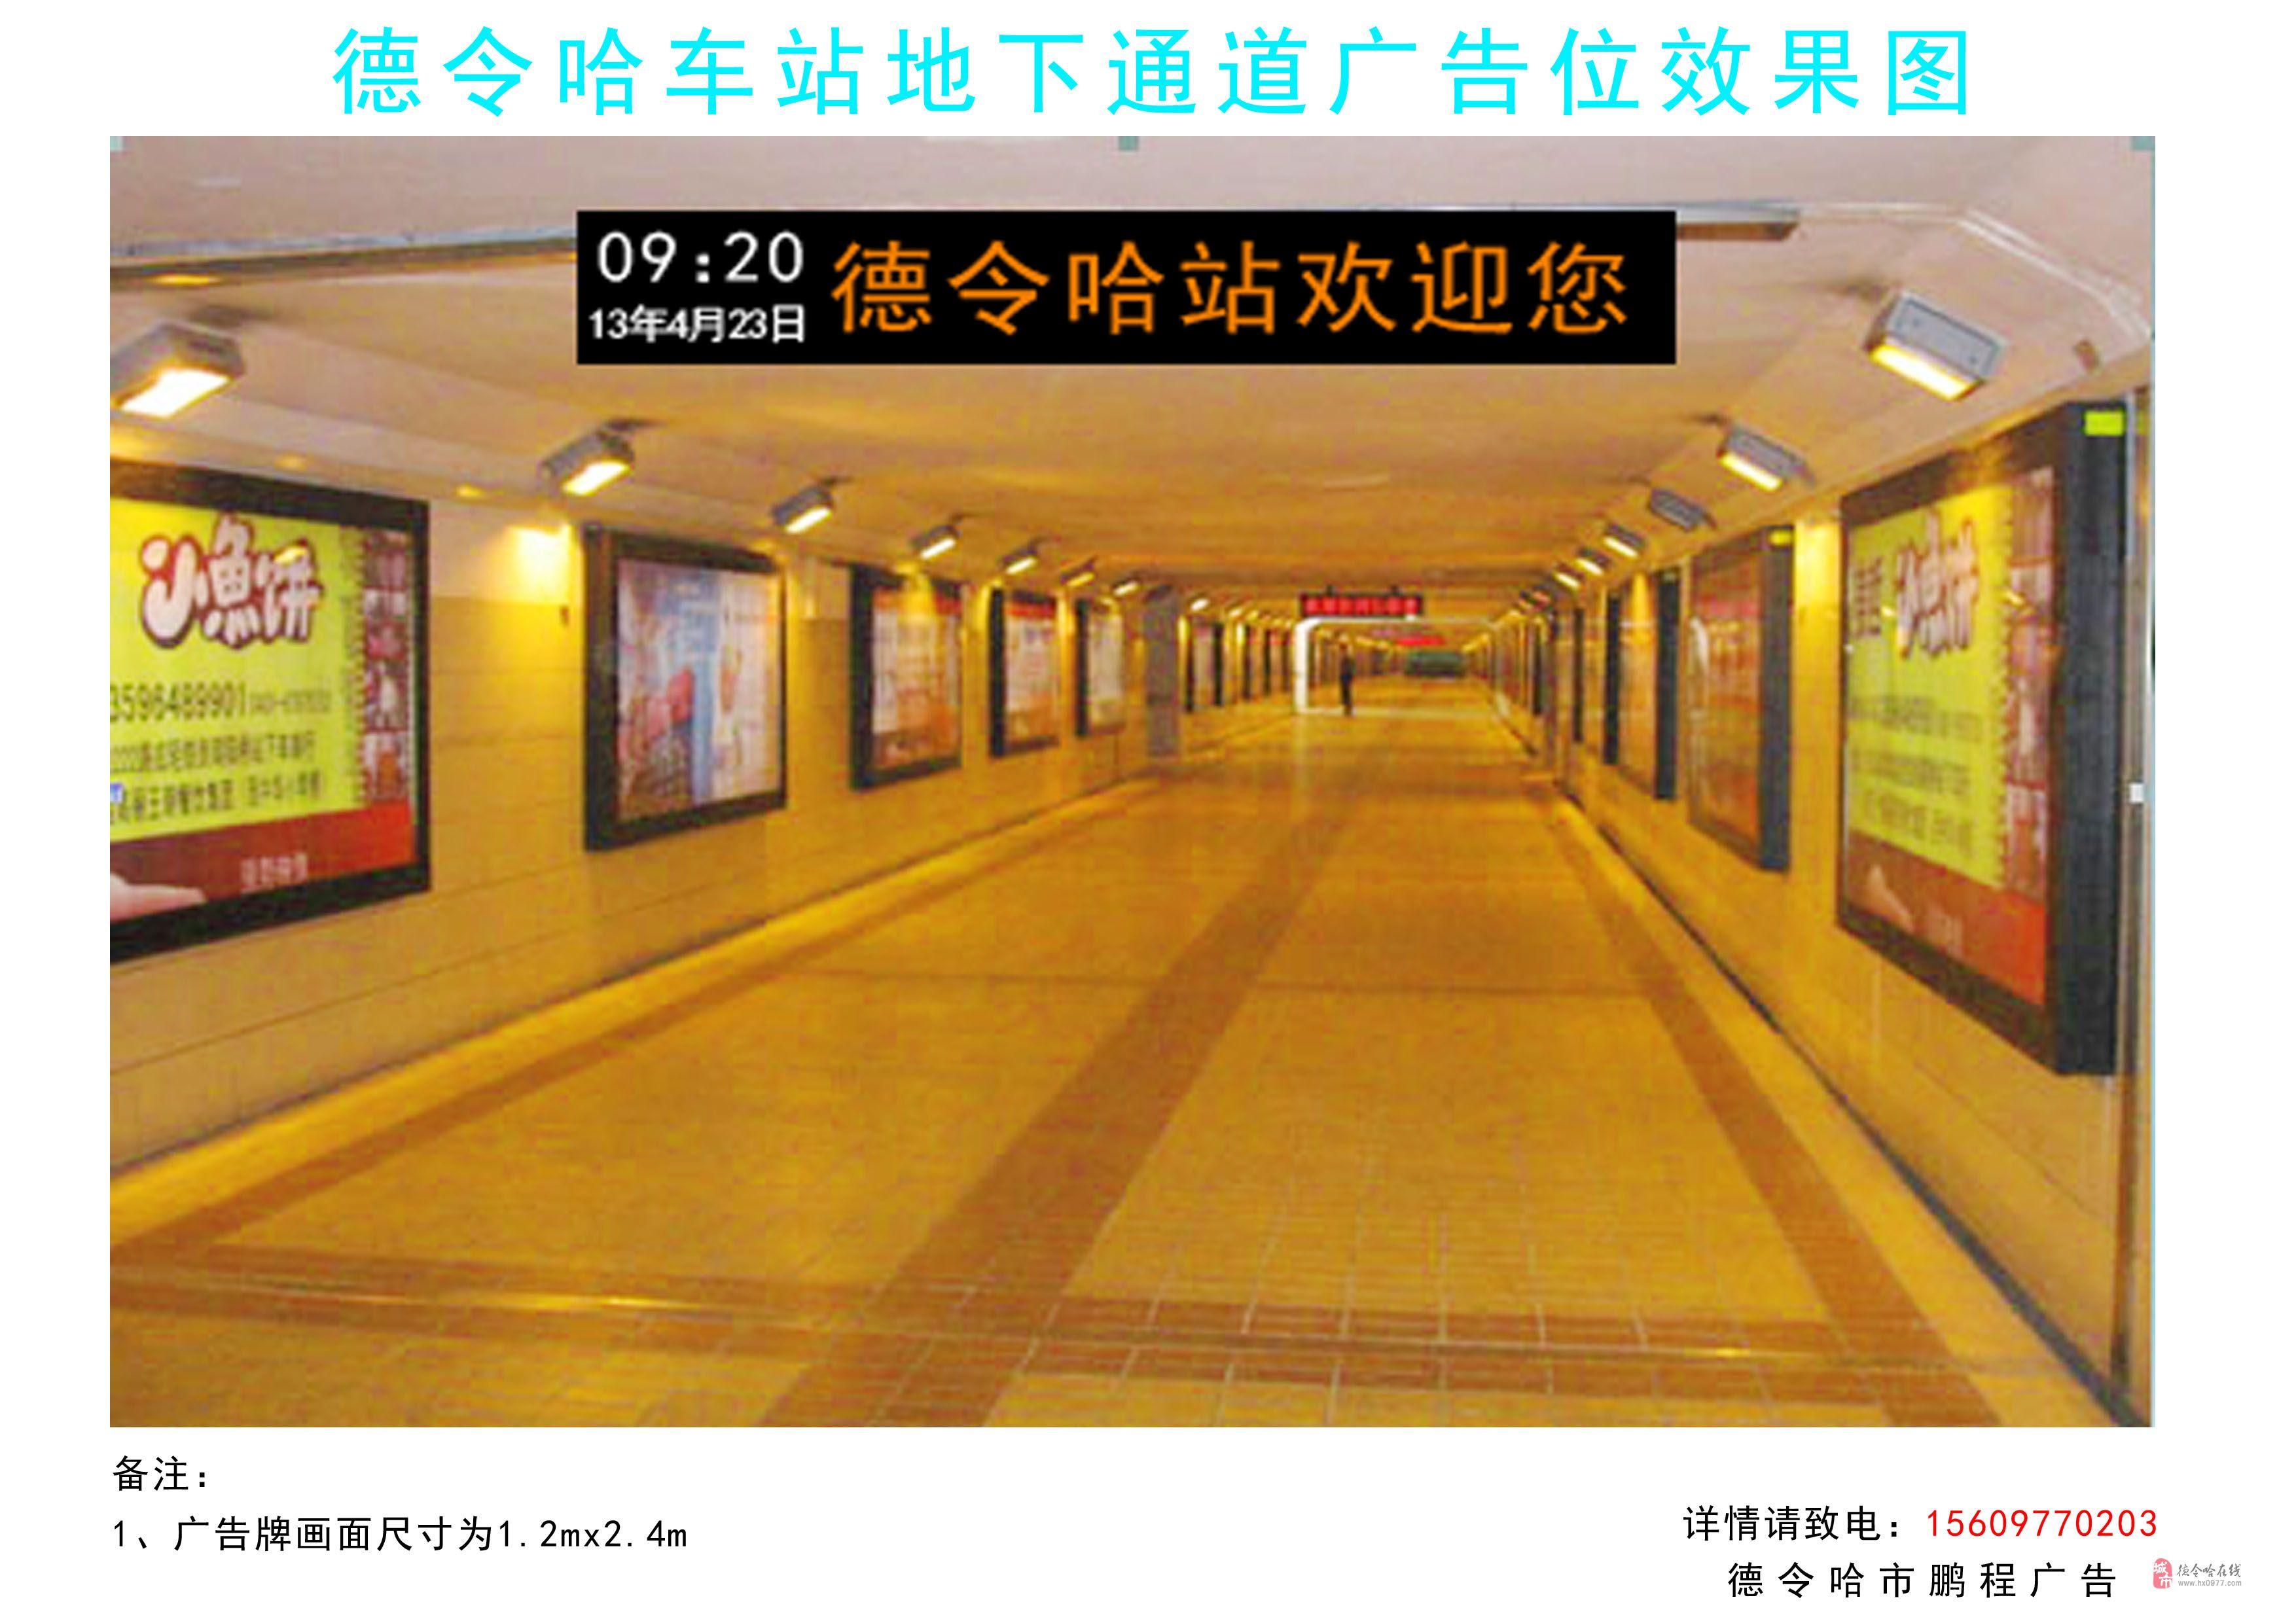 火车站地下通道及站内外广告位招租